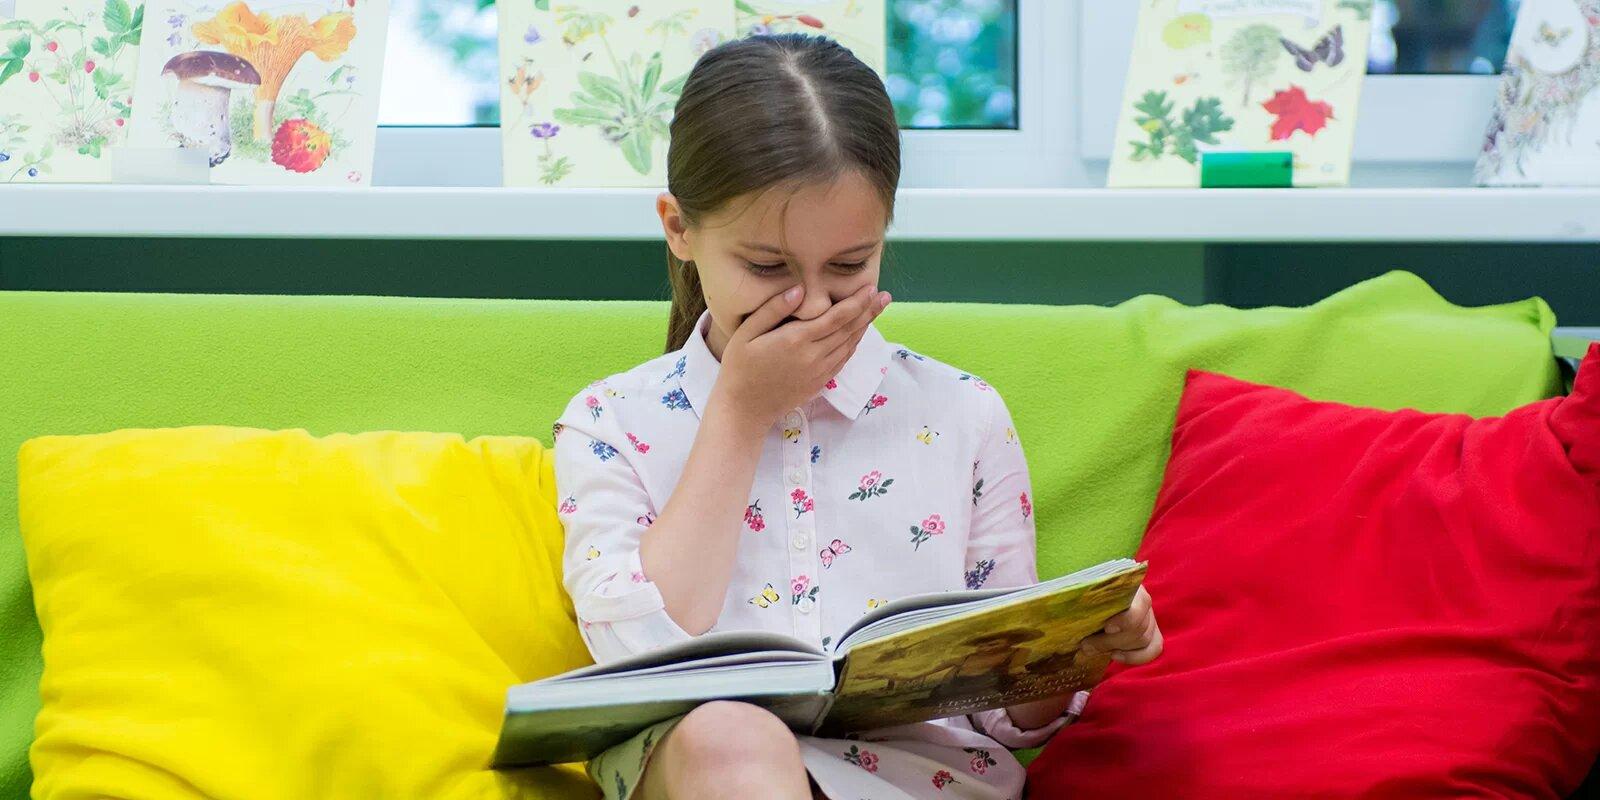 Наталья Сергунина пригласила детей и подростков принять участие в онлайн-акции библиотек столицы